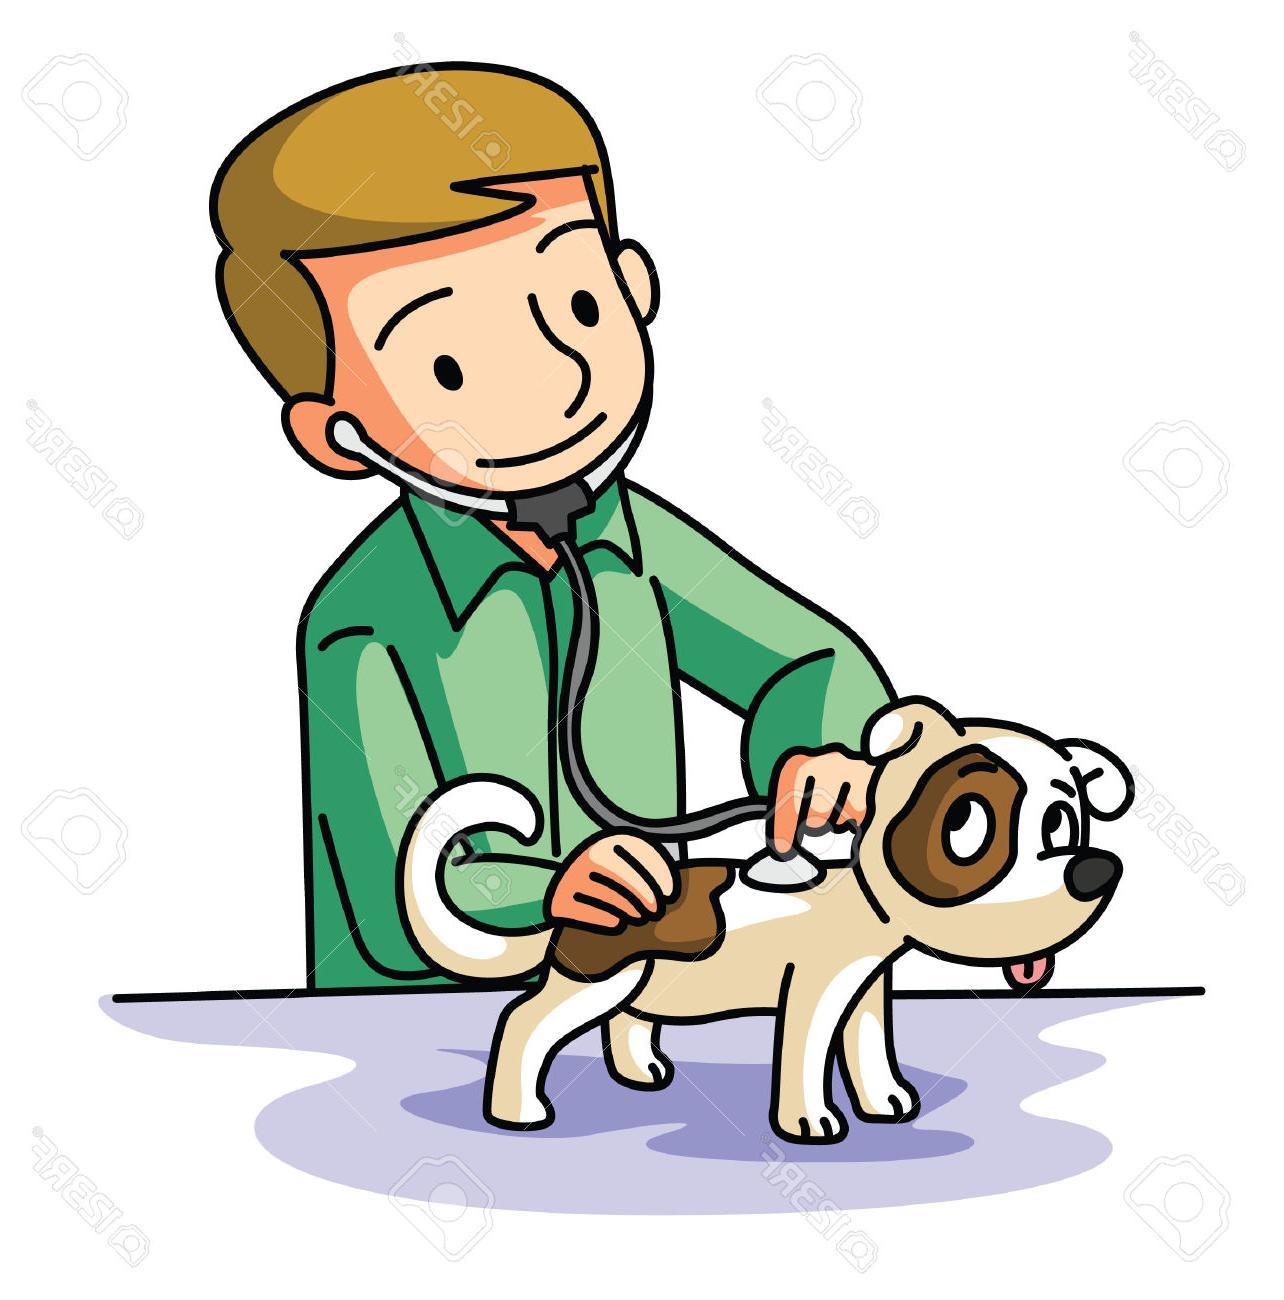 Veterinarian clipart veterinary doctor, Veterinarian.